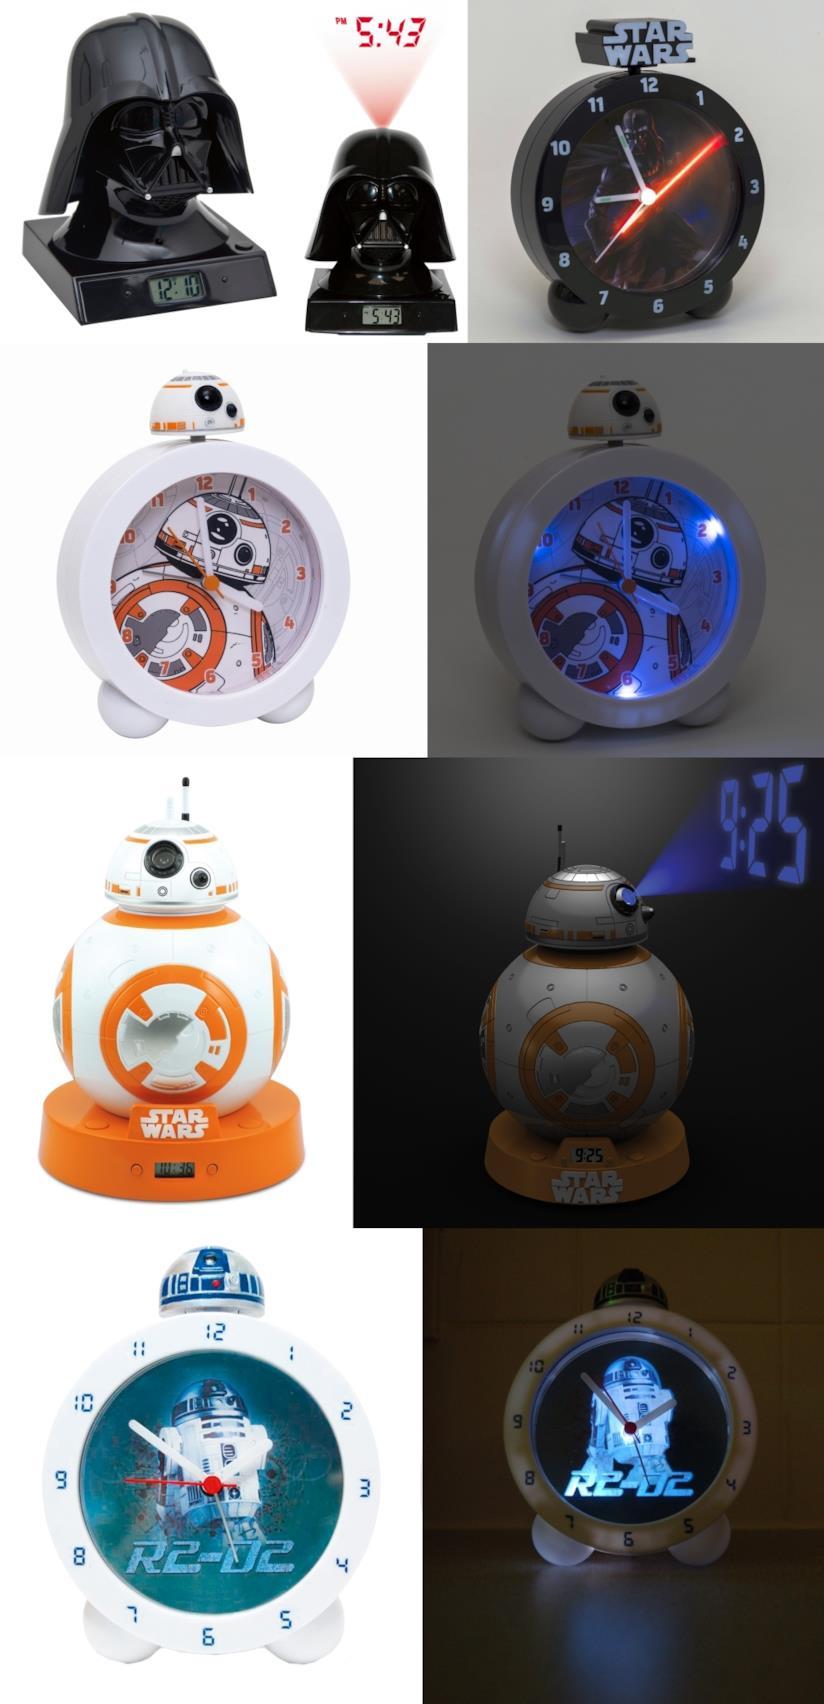 Sveglie del marchio Joy Toy con i personaggi di Star Wars